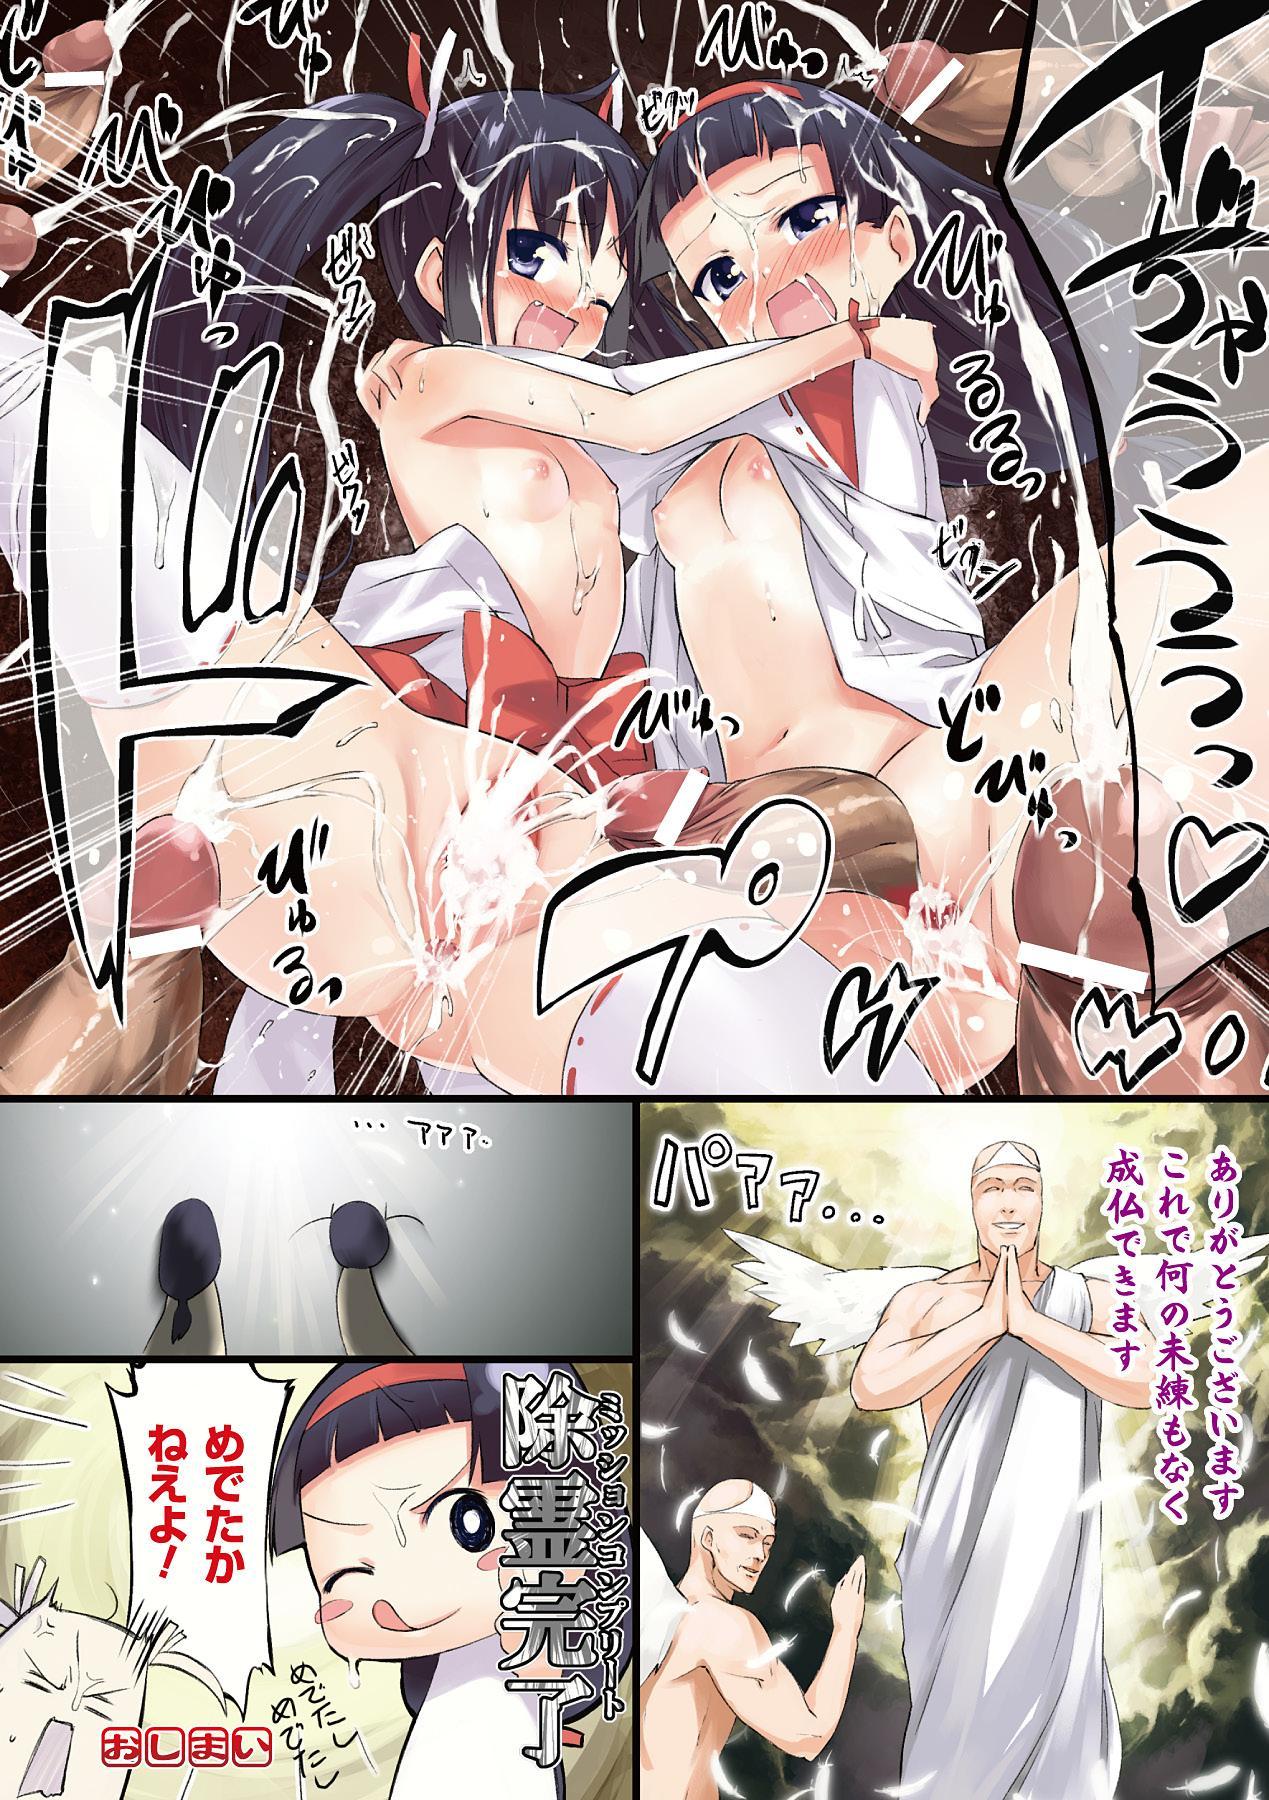 2D Dream Color Comic Collection Vol.2 15